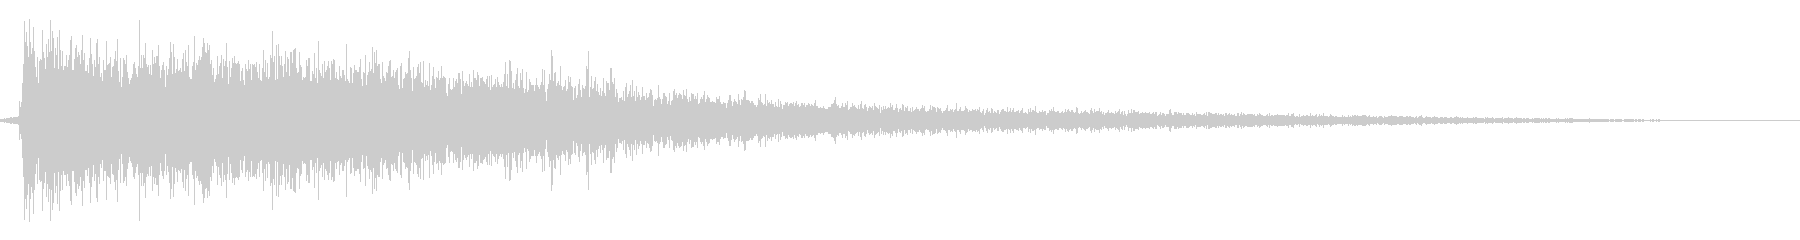 ドシーン(ロボットなどが地面に着地する)の未再生の波形